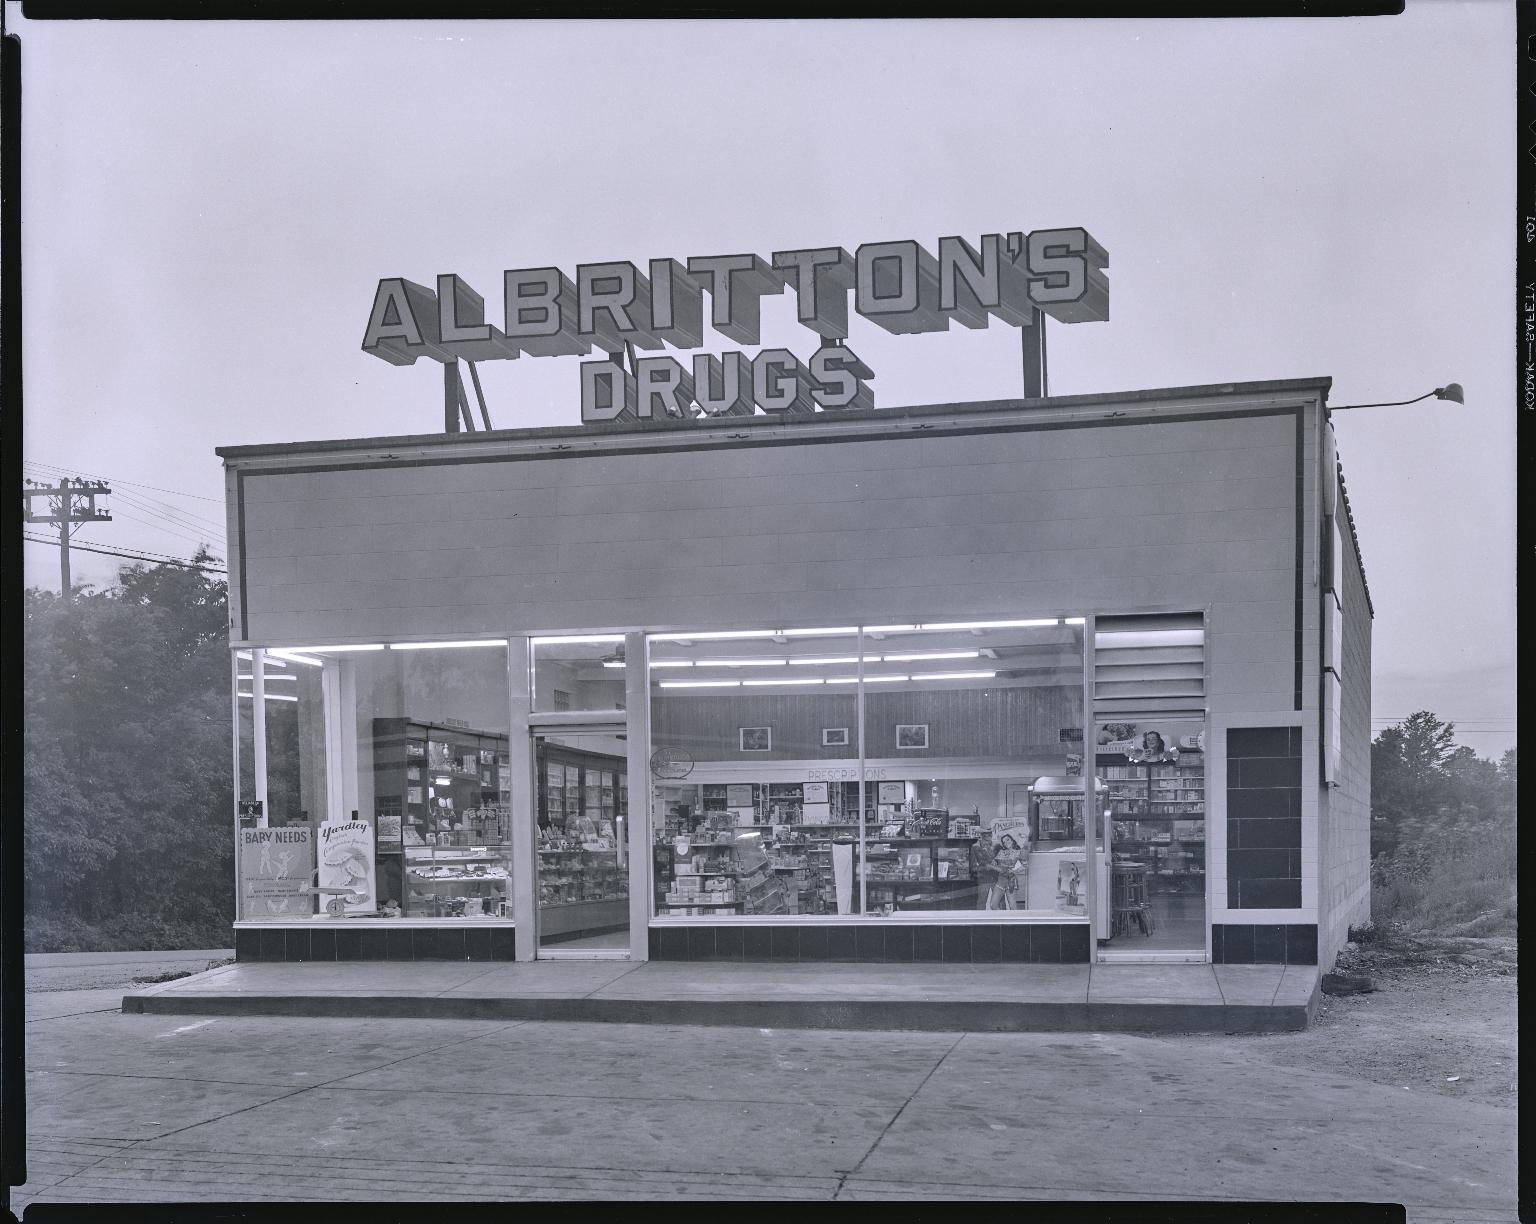 Albritton's Drugstore